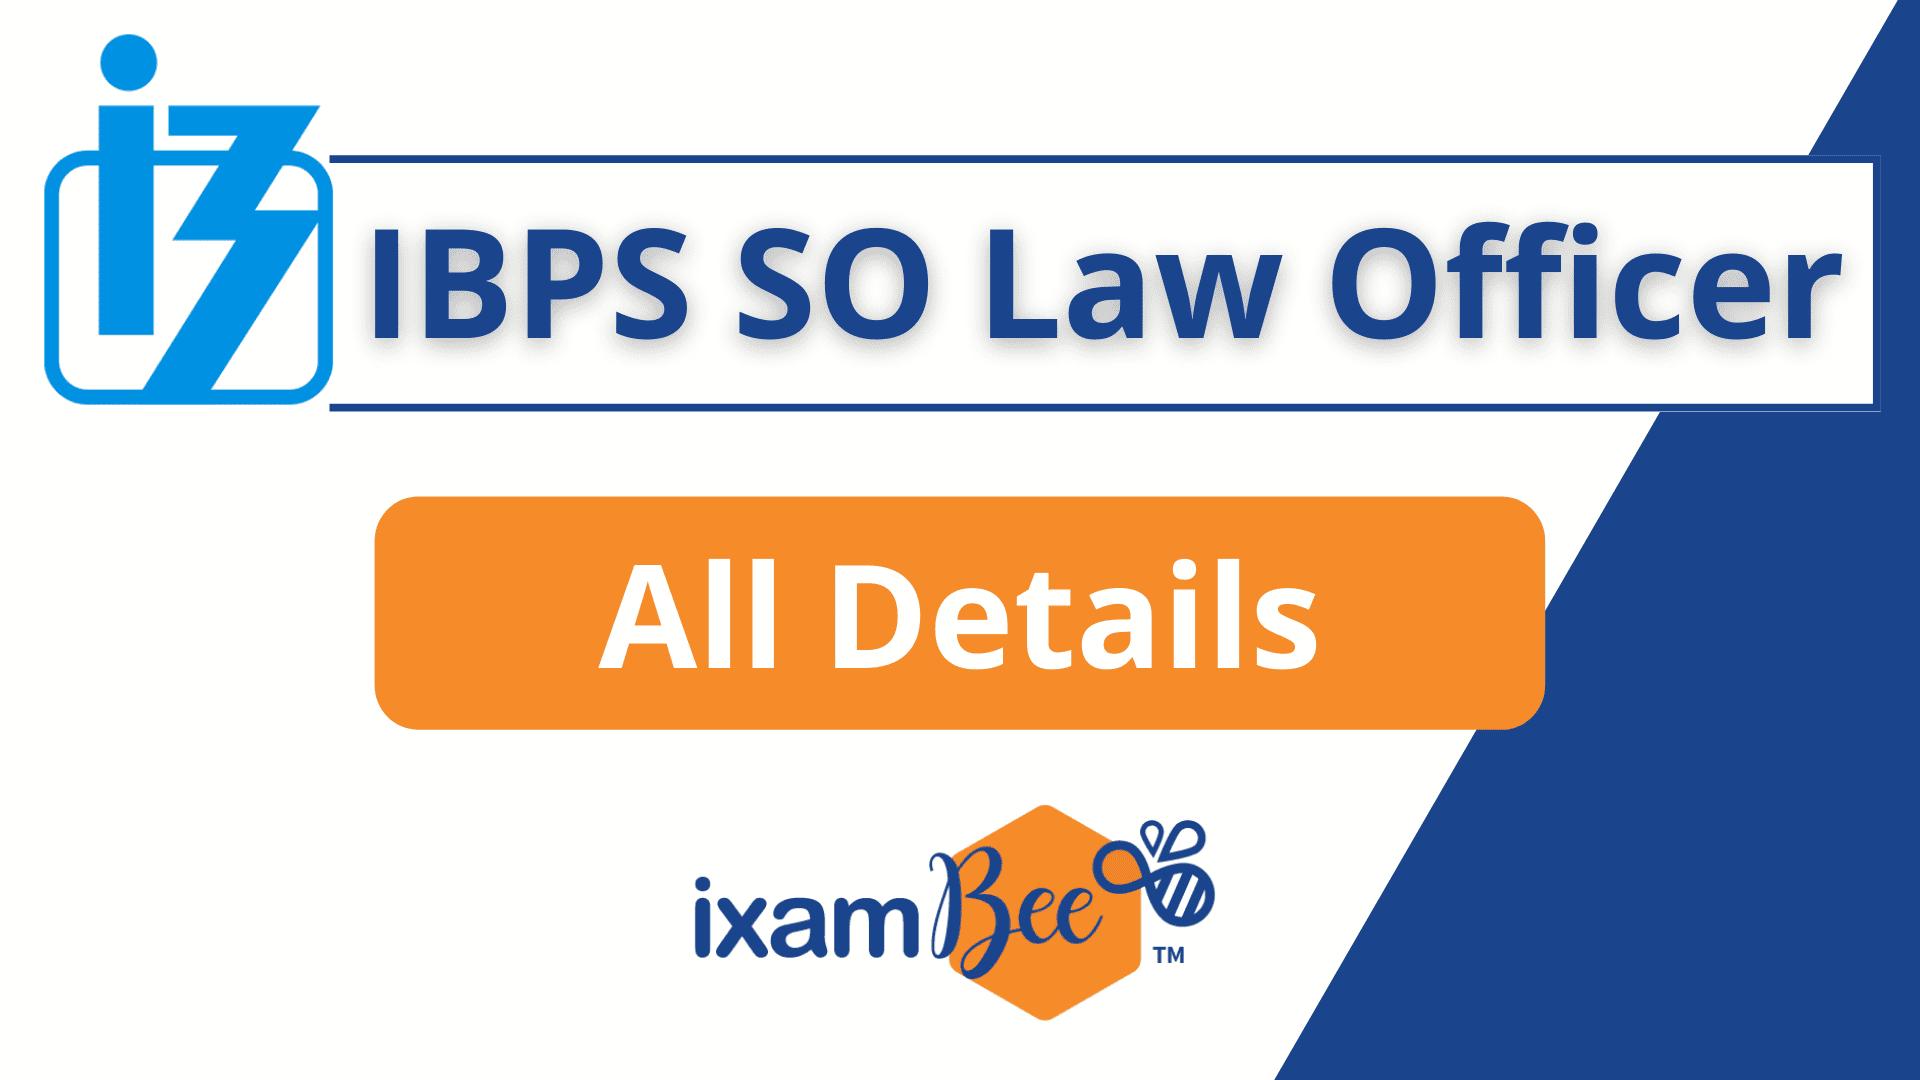 IBPS SO Law Officer Exam